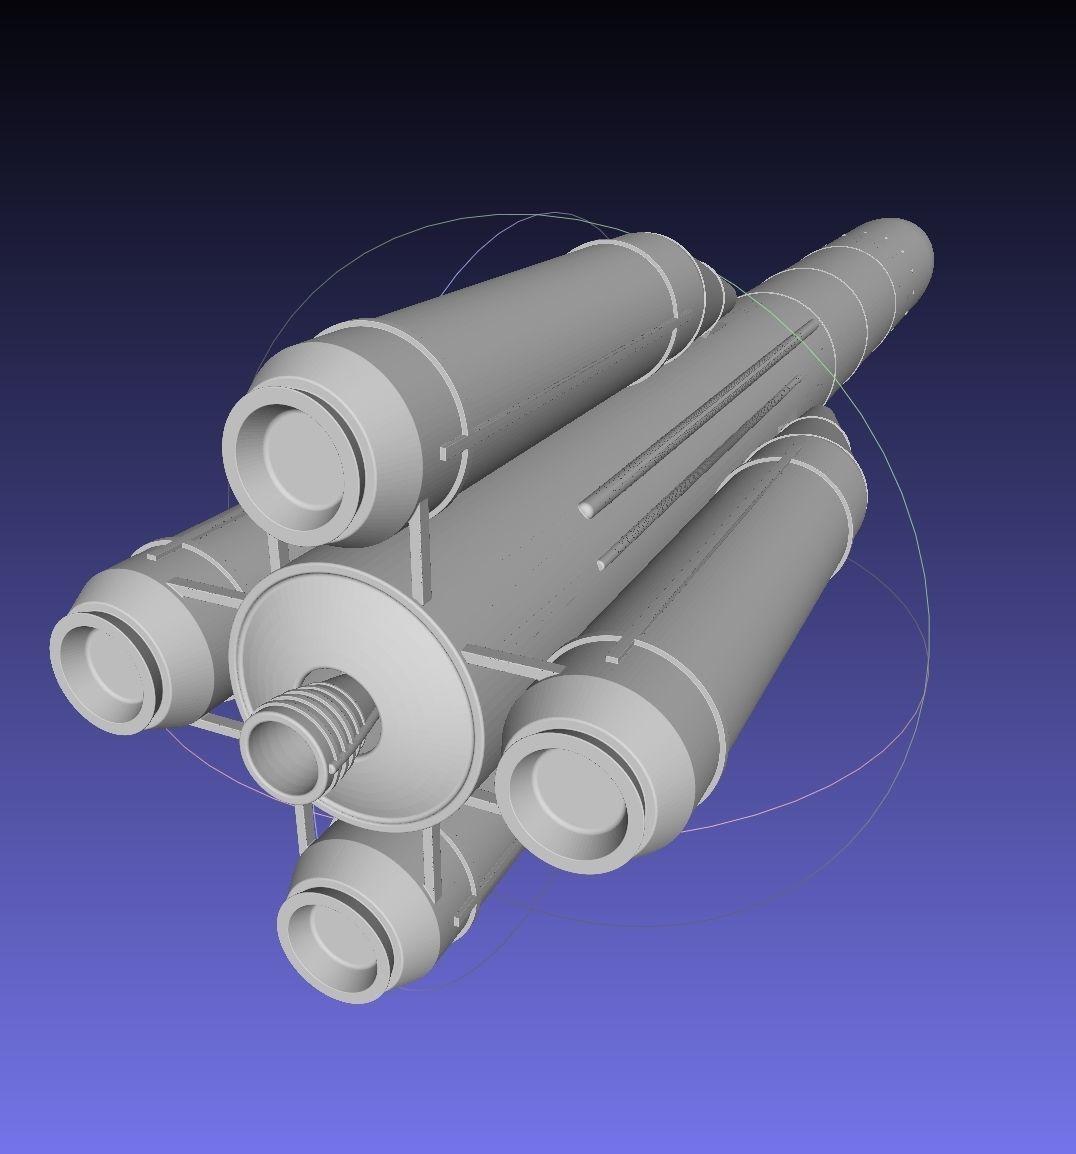 European Rocket Collection